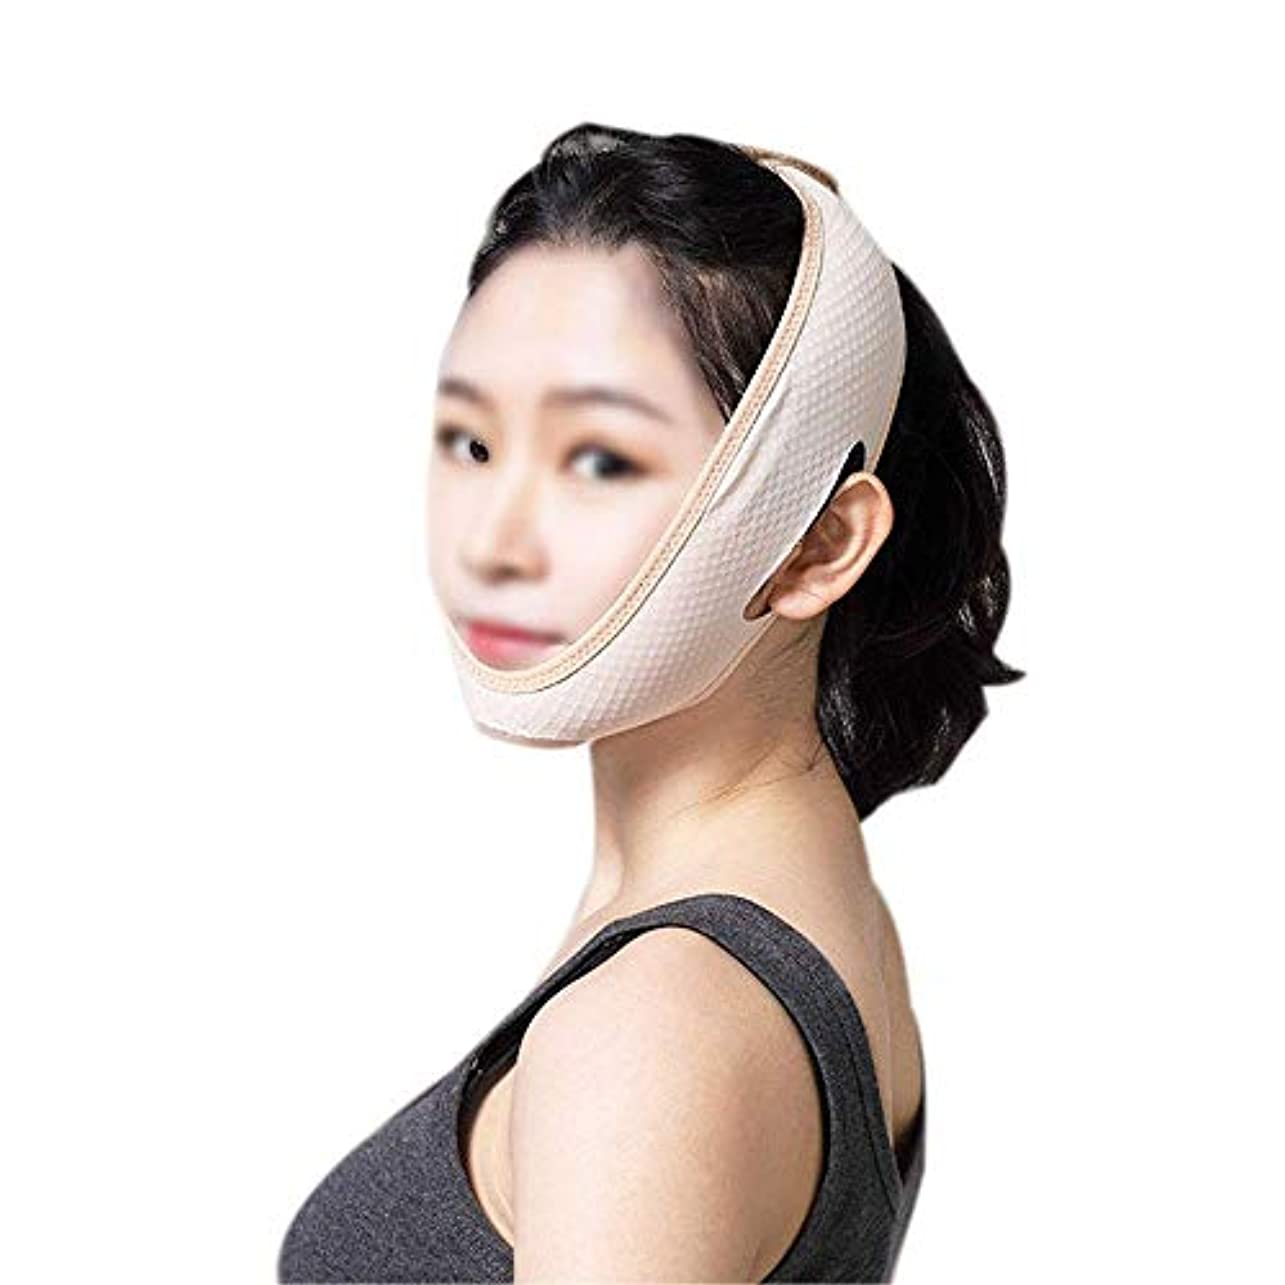 脈拍カートリッジできればフェイスリフティングバンデージ、肌の引き締めを強化する薄いフェイスマスクの睡眠、ダブルチンマスクの削減